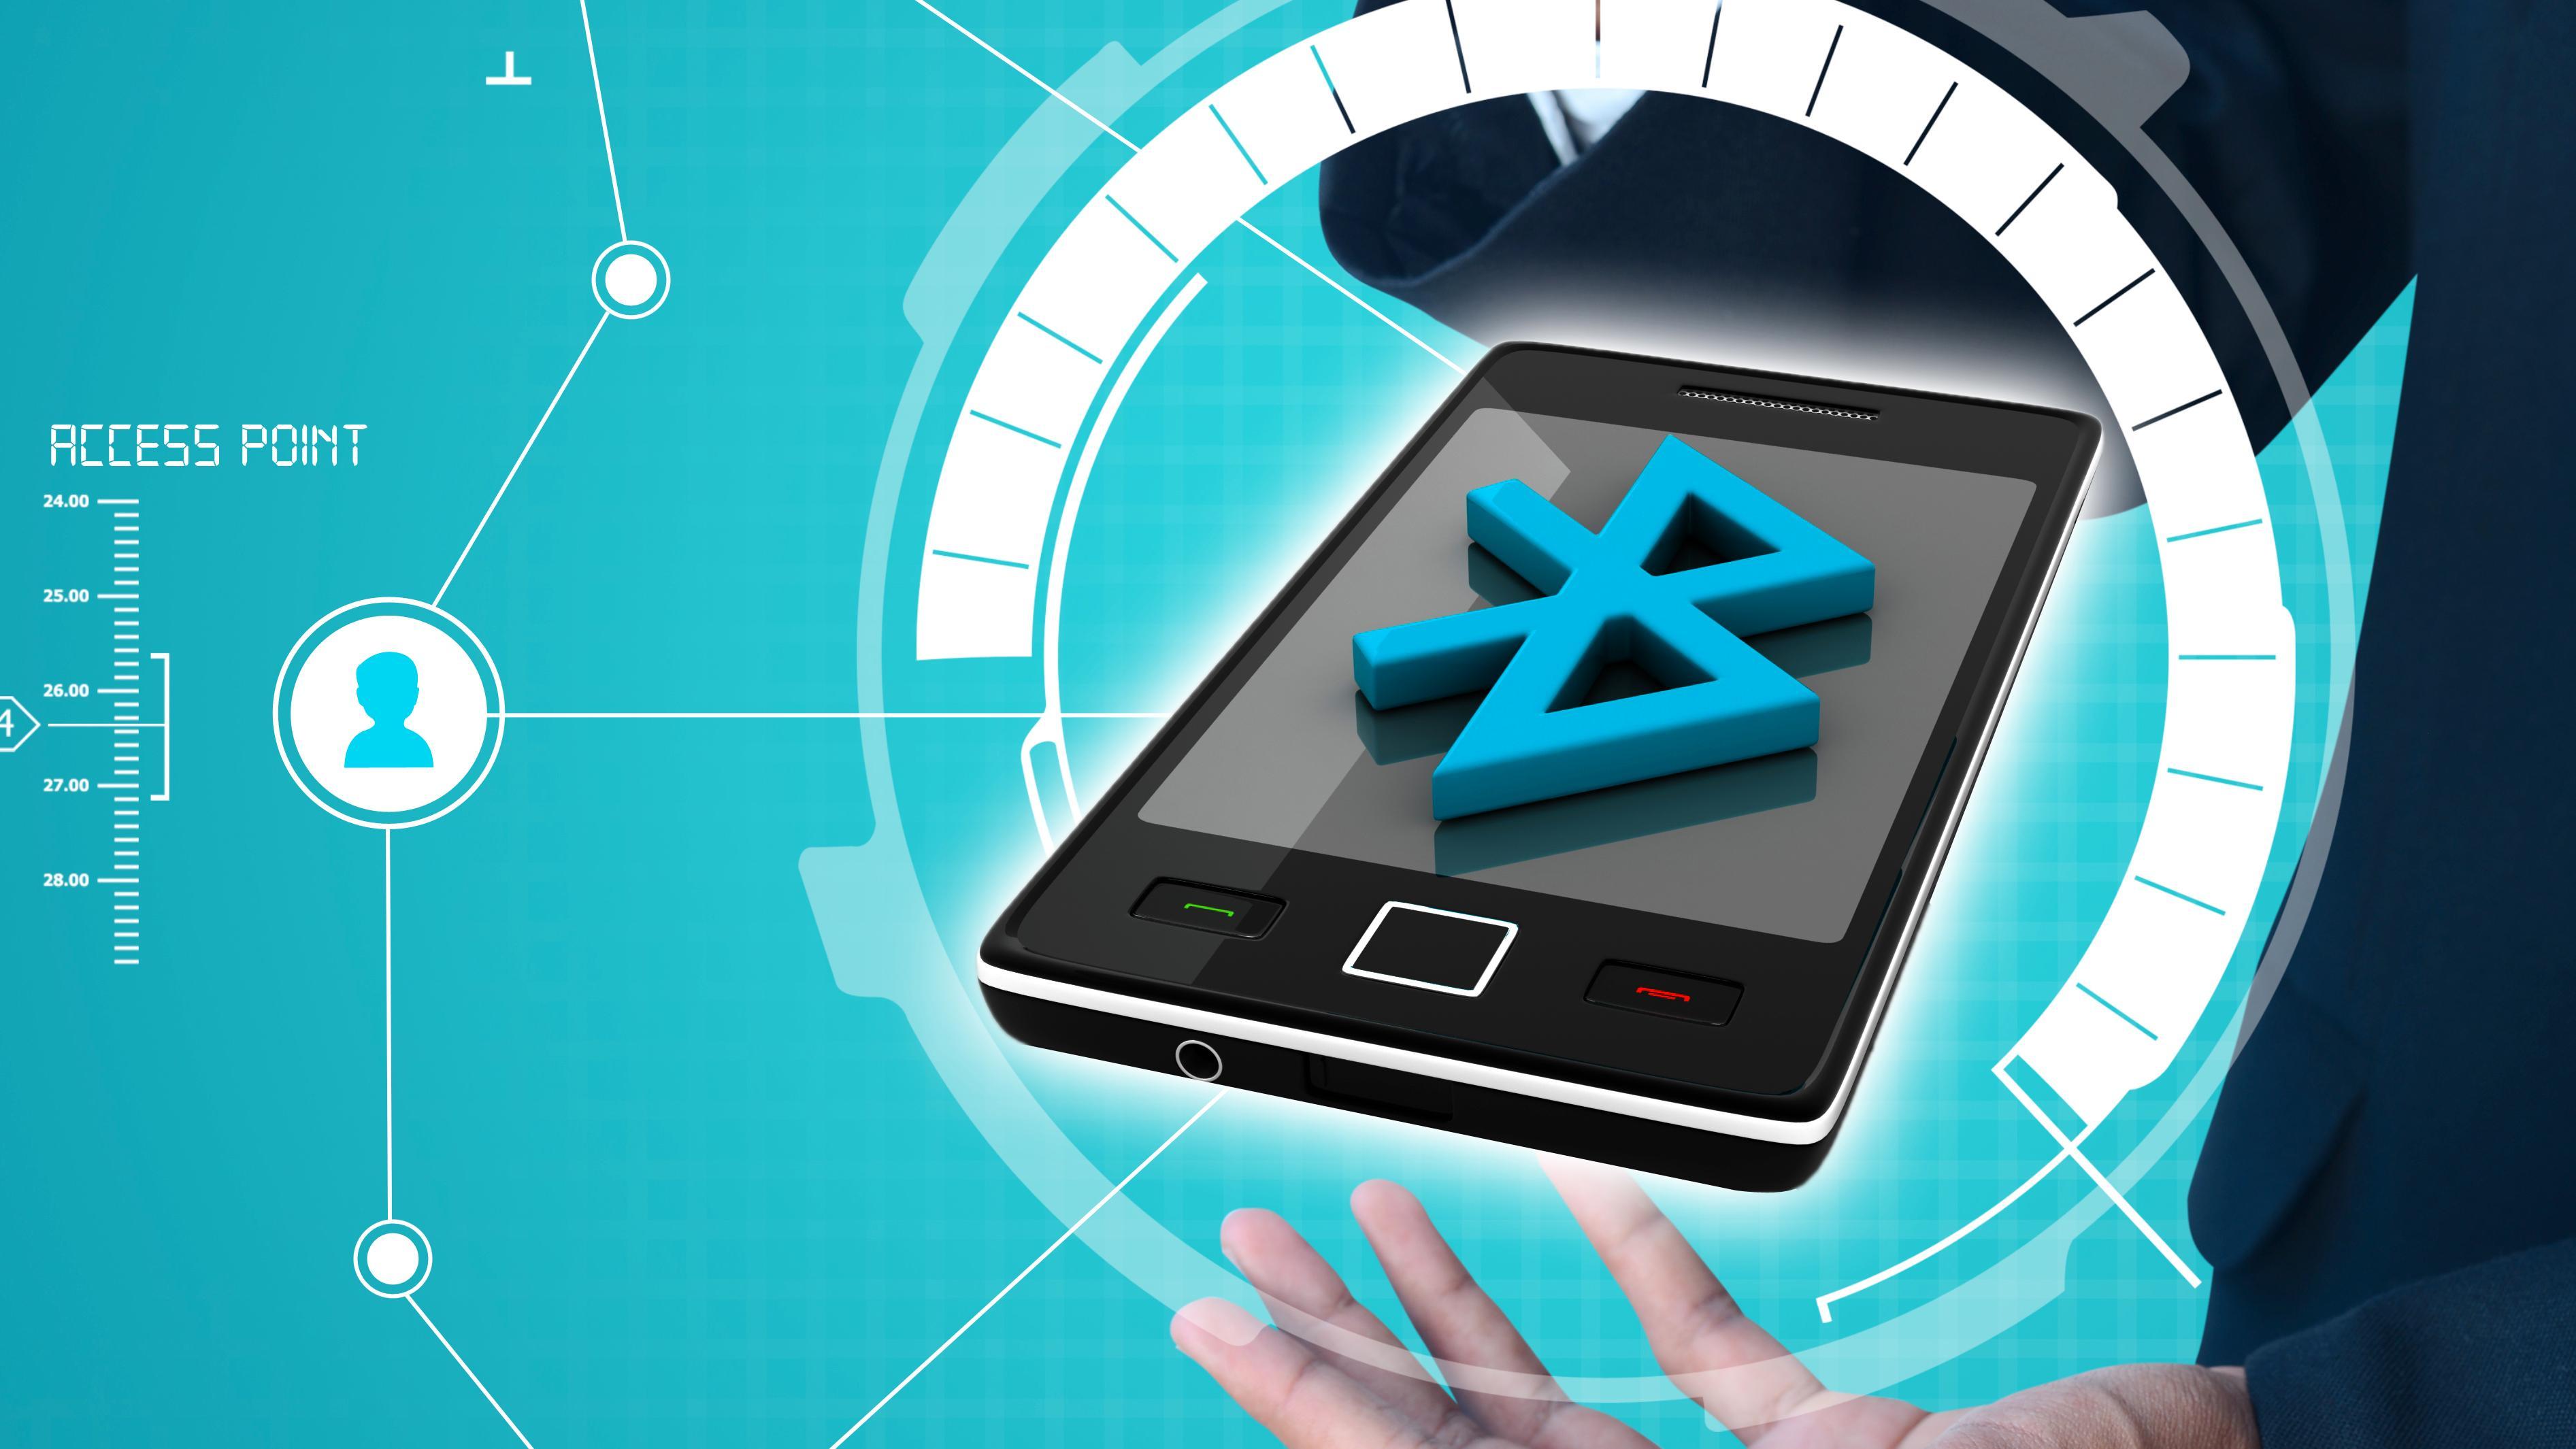 Nå har Bluetooth 5 offisielt ankommet